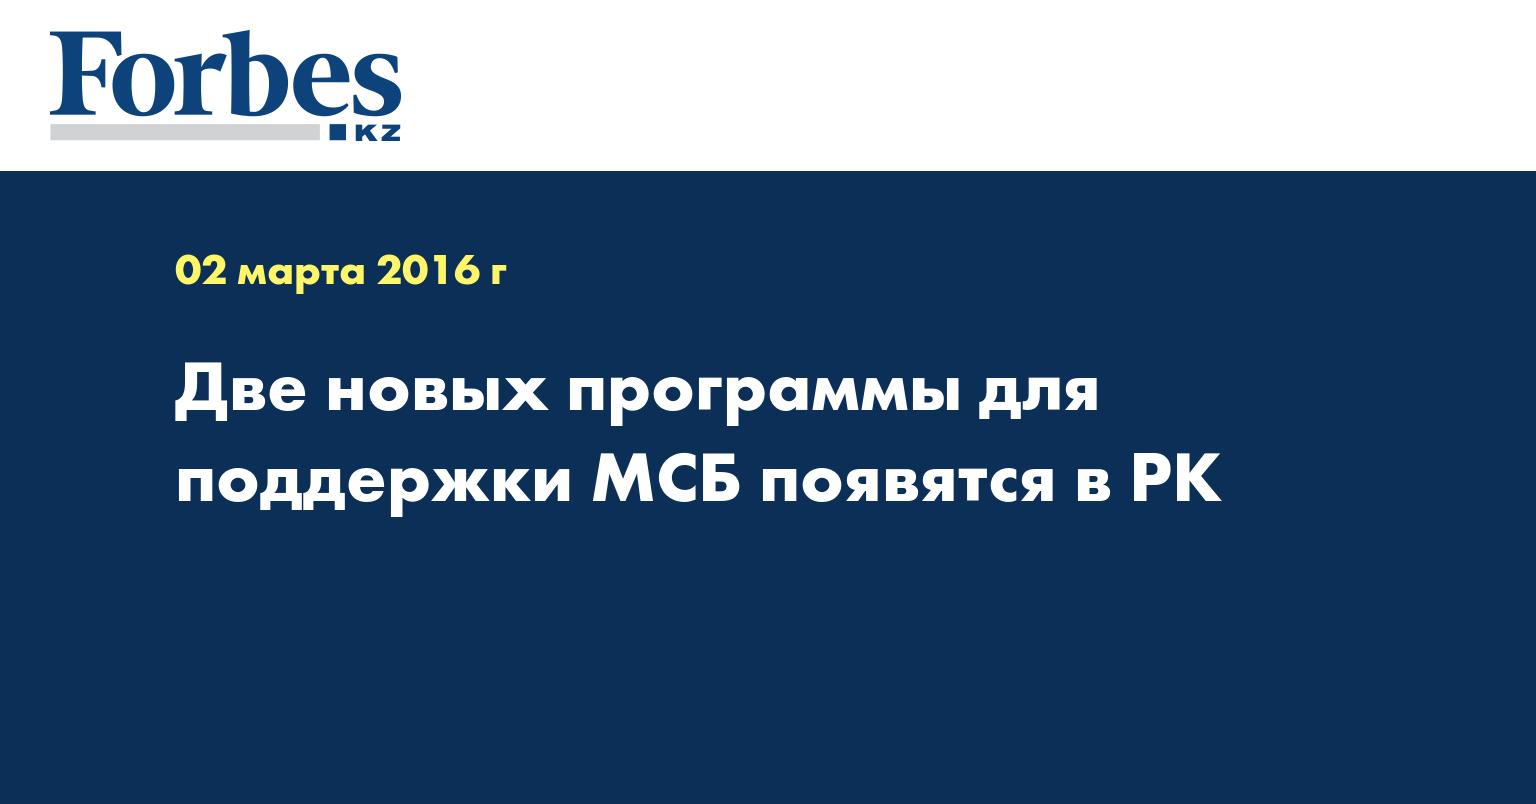 Две новых программы для поддержки МСБ появятся в РК